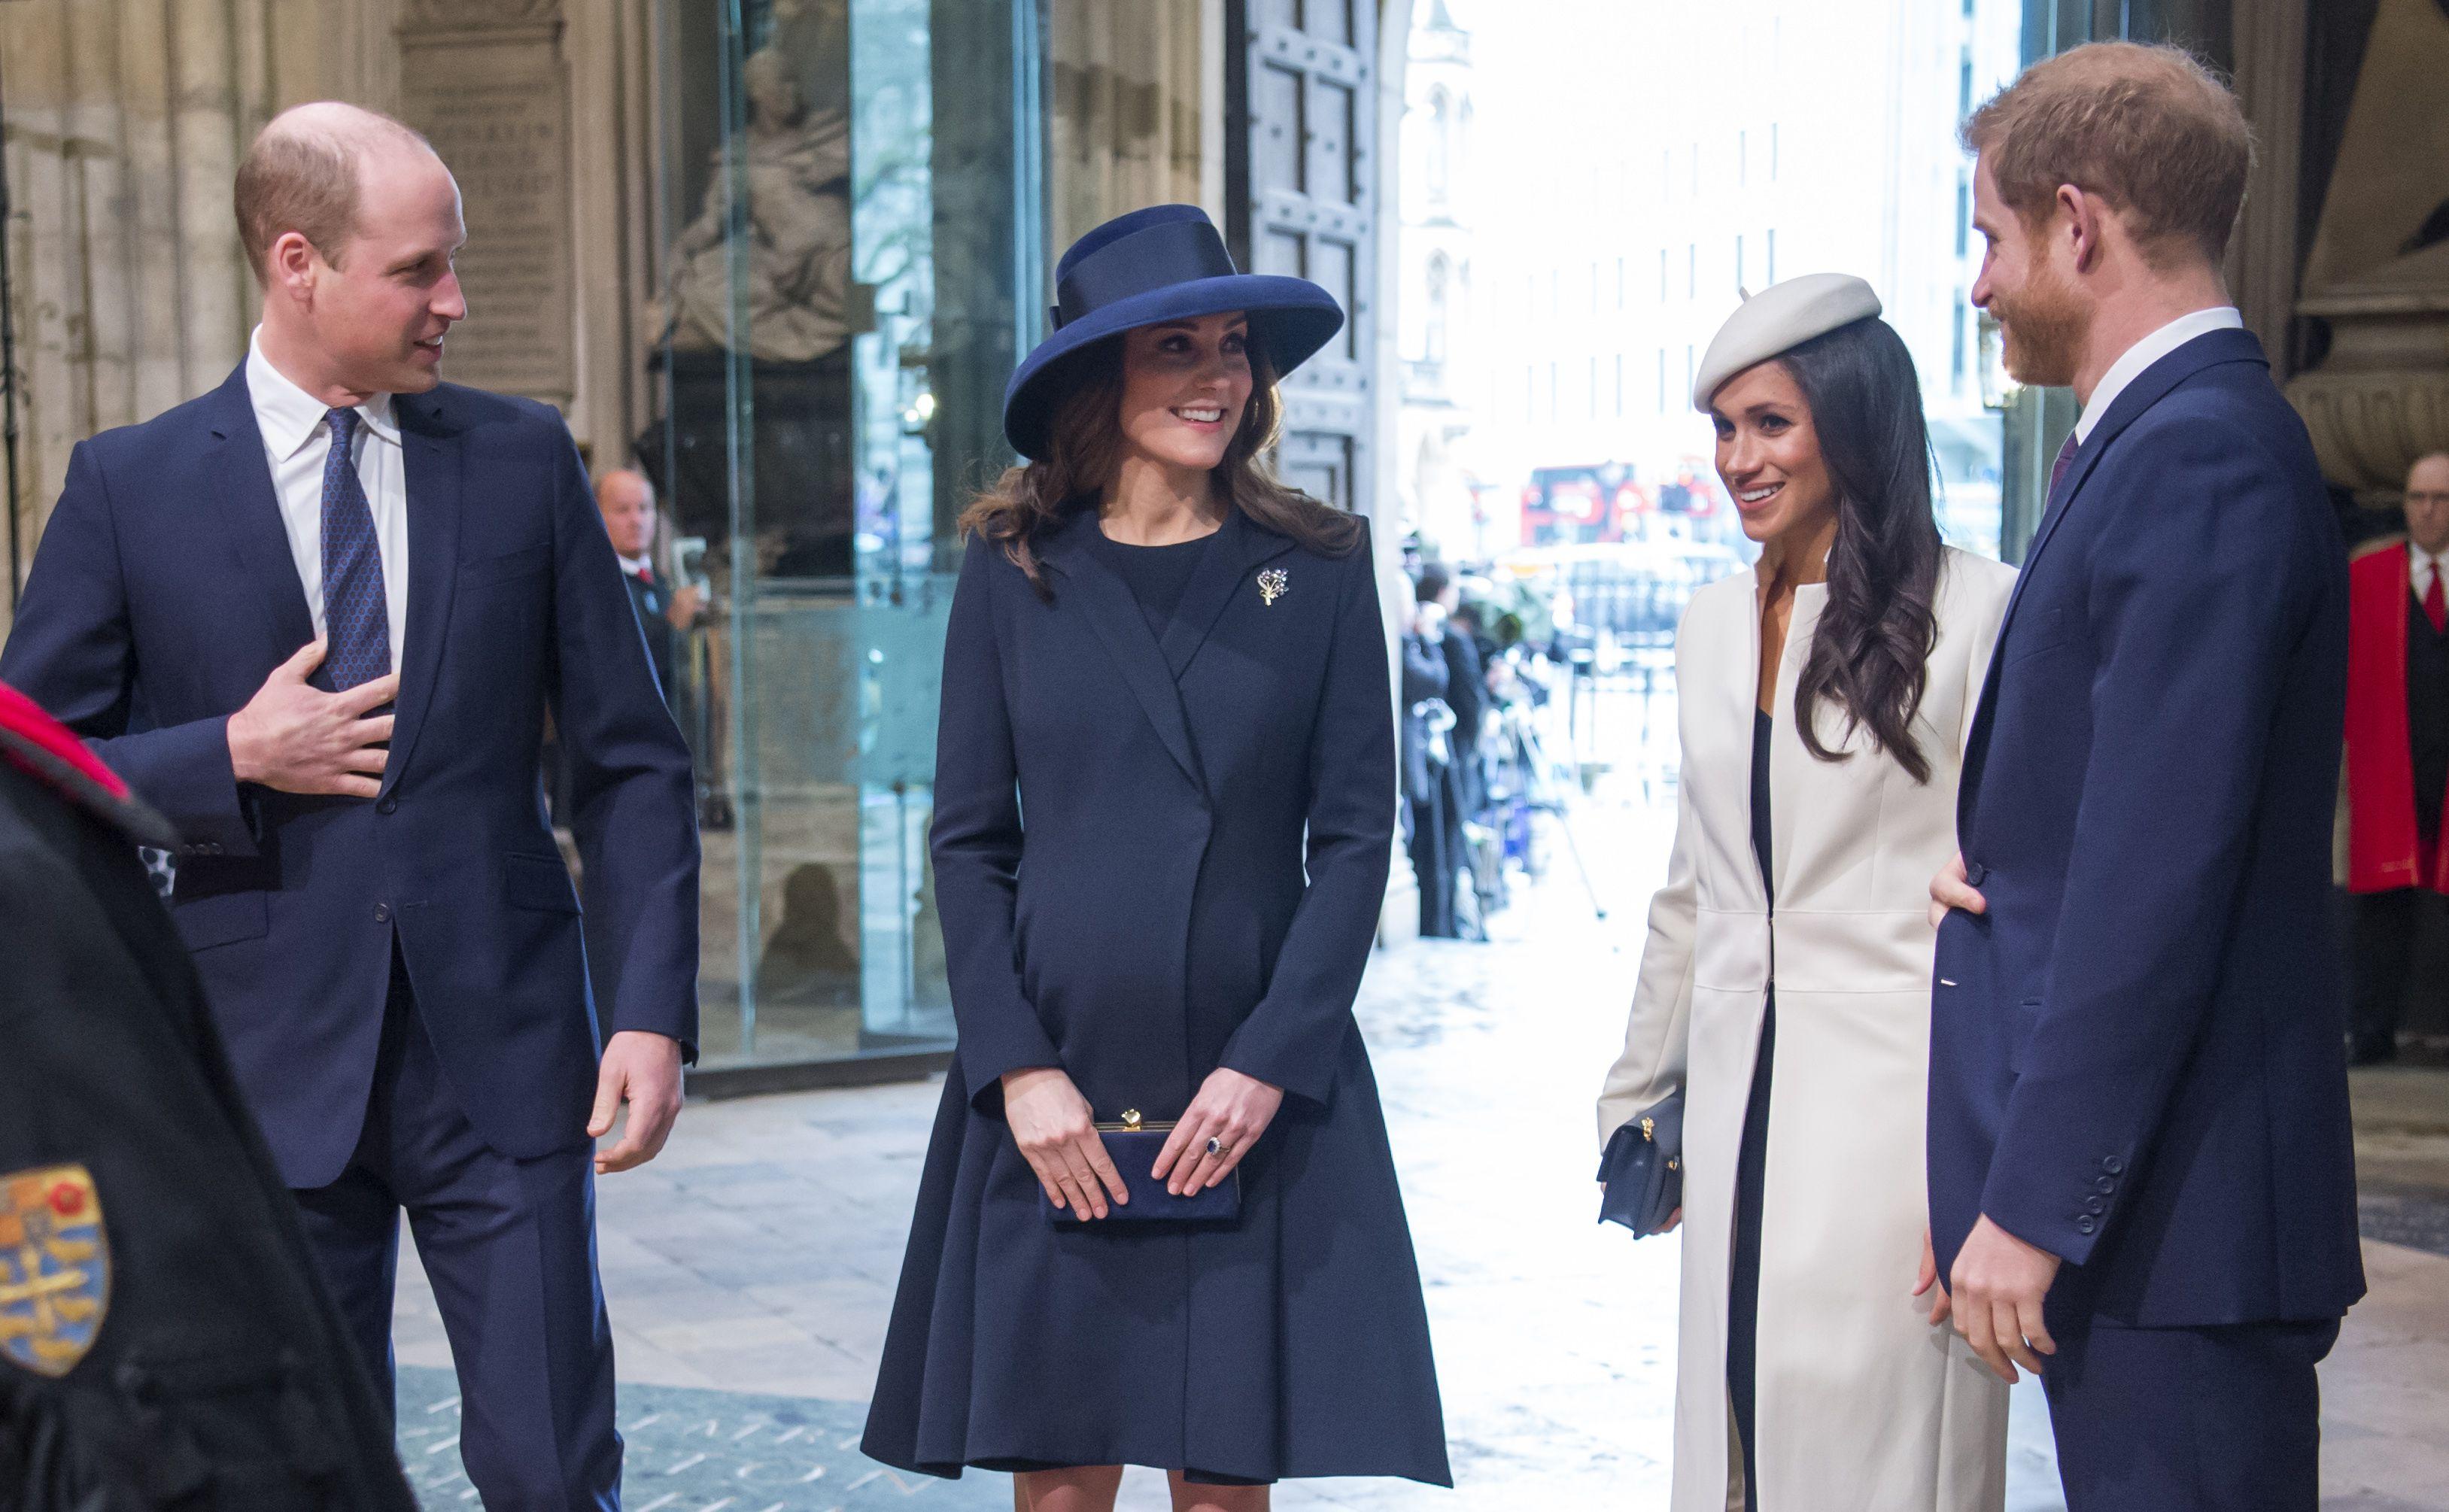 El príncipe Guillermo, Kate Middleton, Meghan Markle y el príncipe Harry